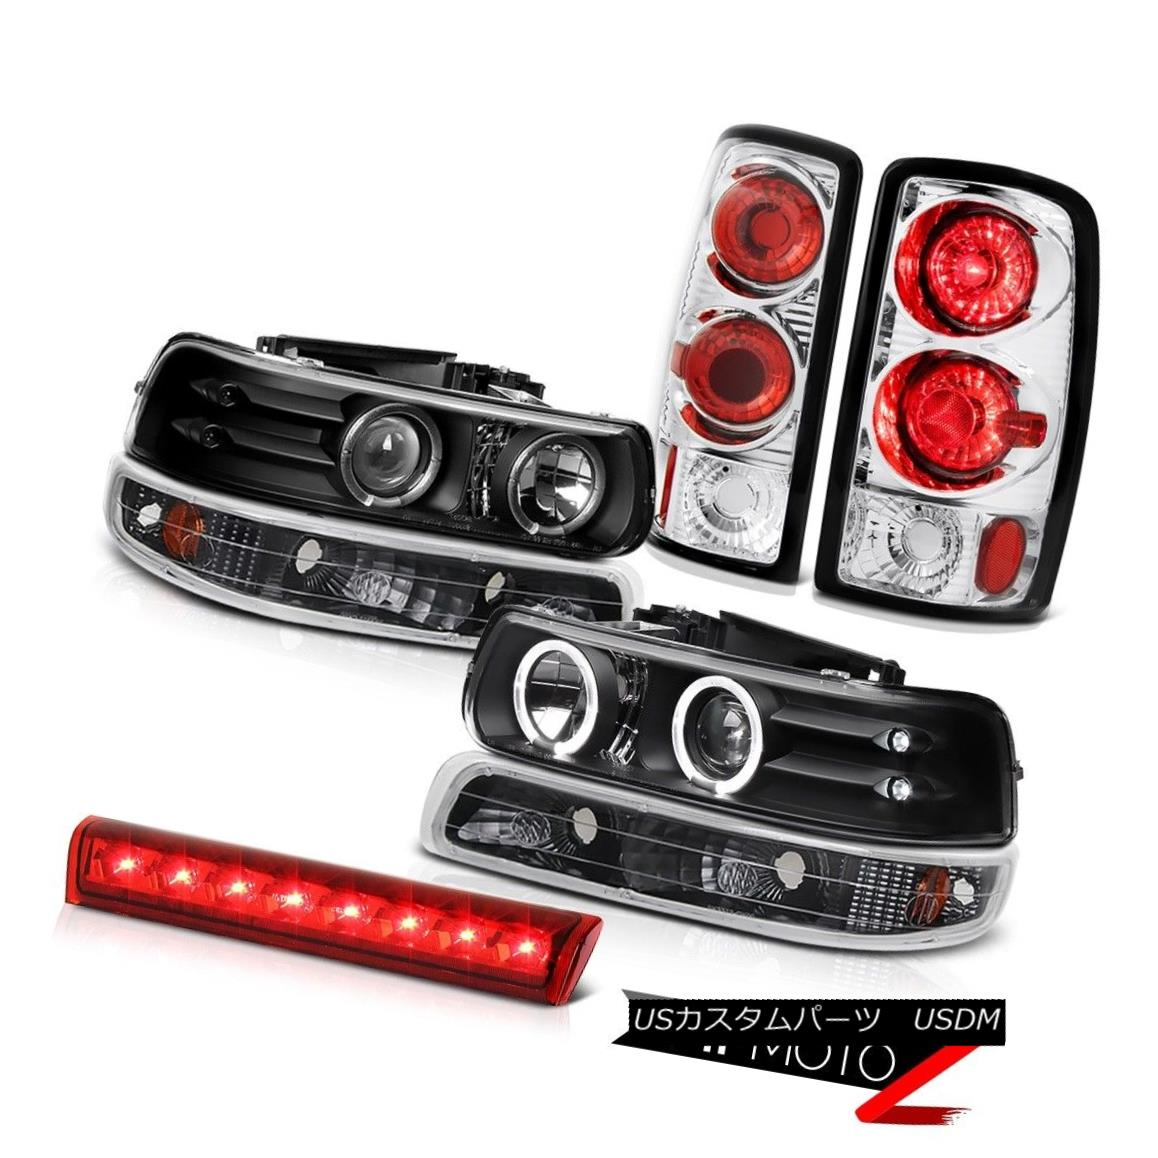 テールライト LED Projector Headlights Matte Black Lights Third Brake 2000-2006 Suburban 6.0L LEDプロジェクターヘッドライトマットブラックライト第3ブレーキ2000-2006郊外6.0L